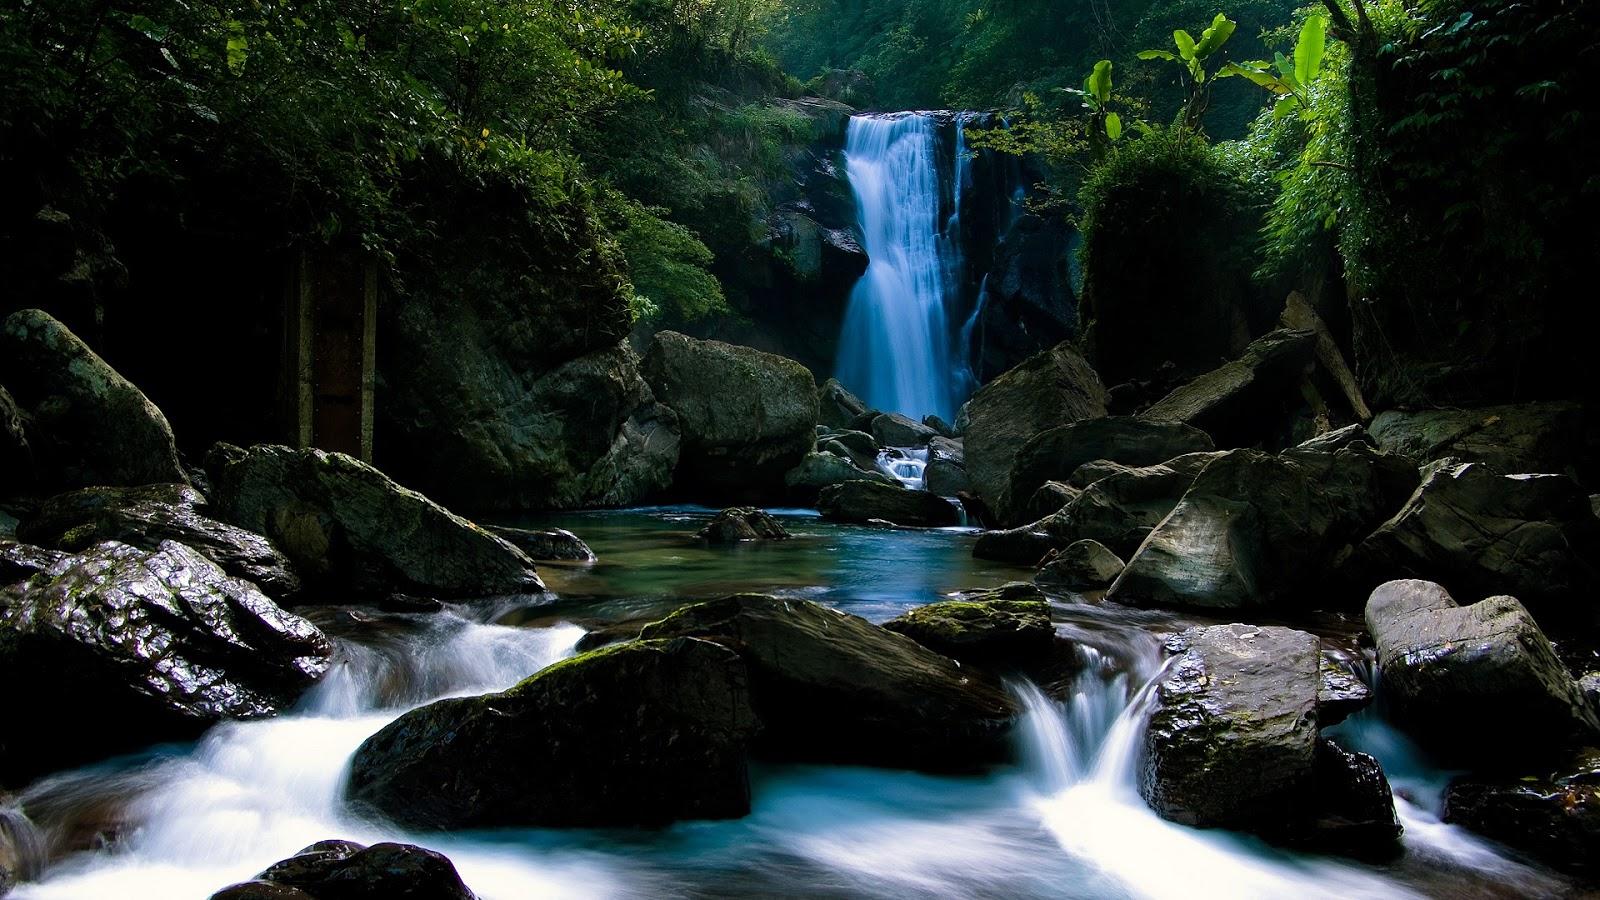 Waterfalls Wallpapers 1080p: Full HD Desktop Wallpapers 1080p